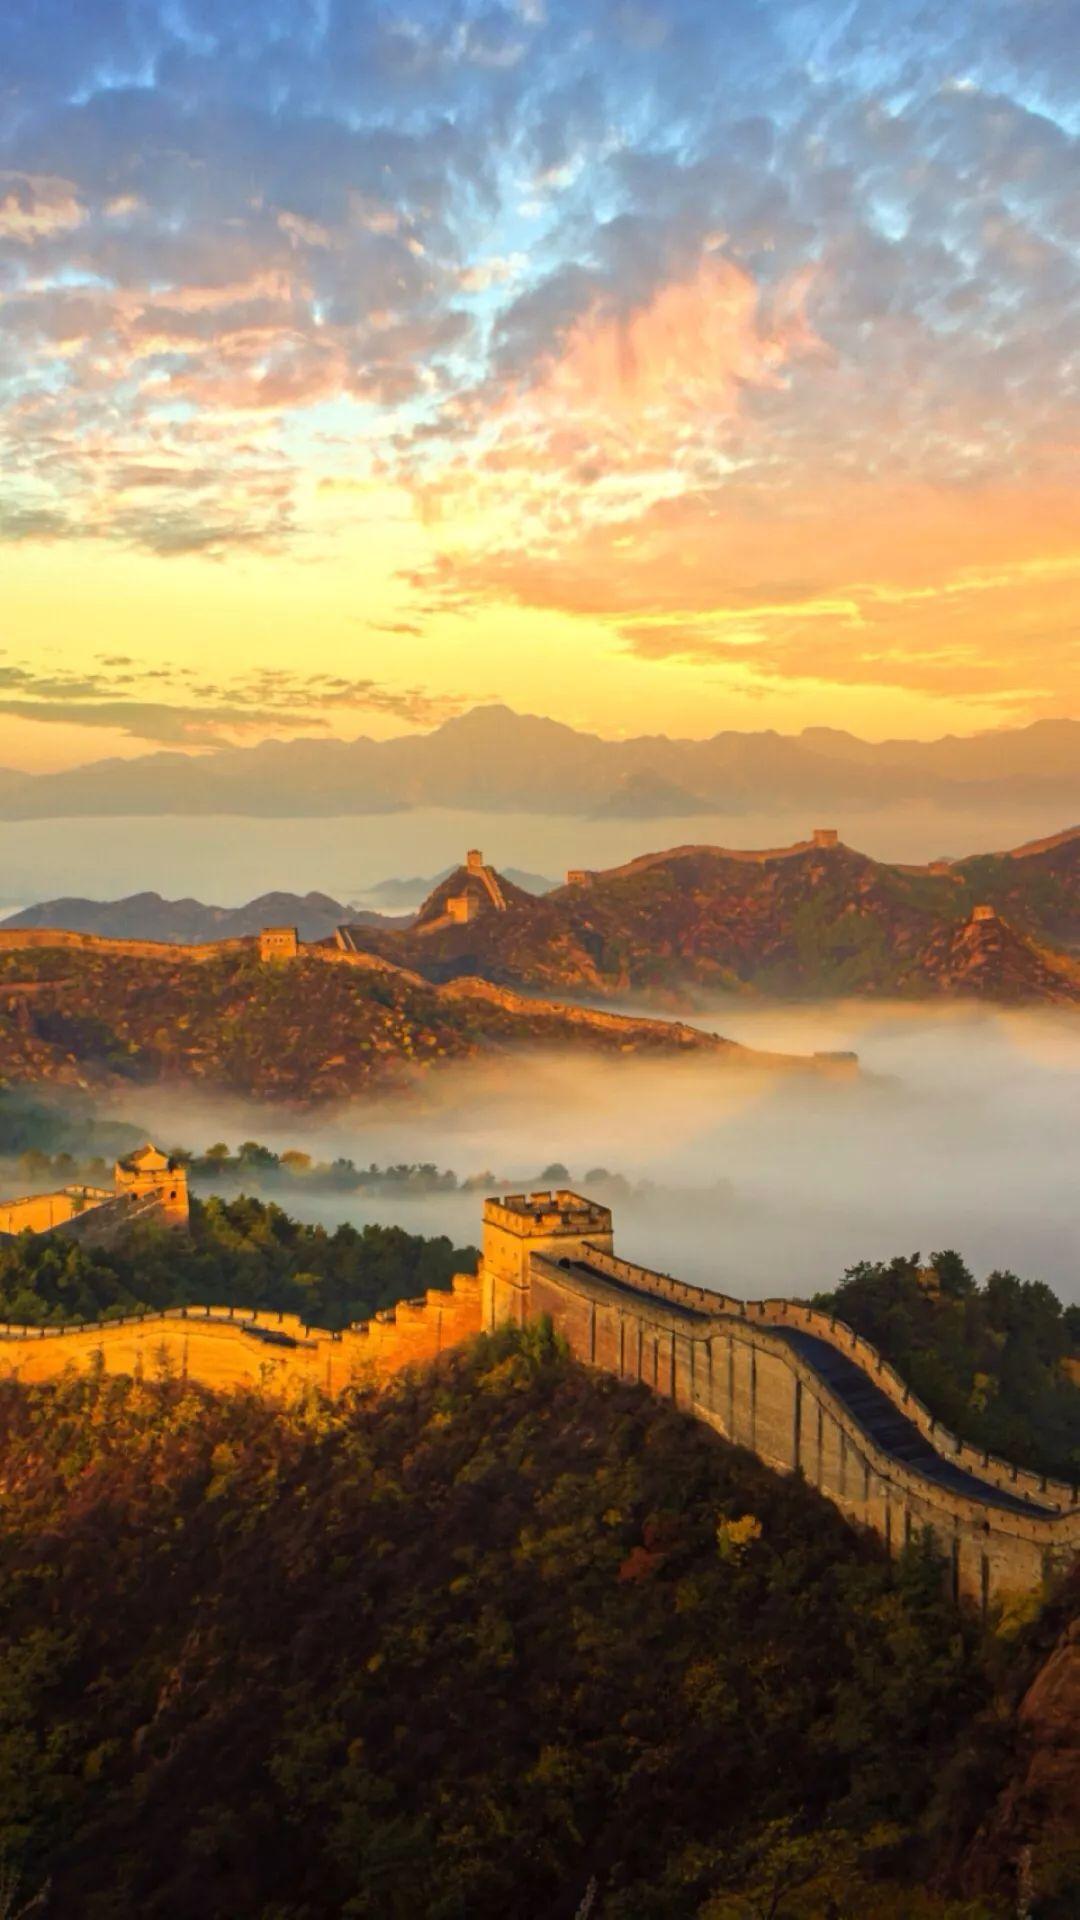 世界文化遗产名录&世界十大文化遗产  除了长城 你还知道那儿?